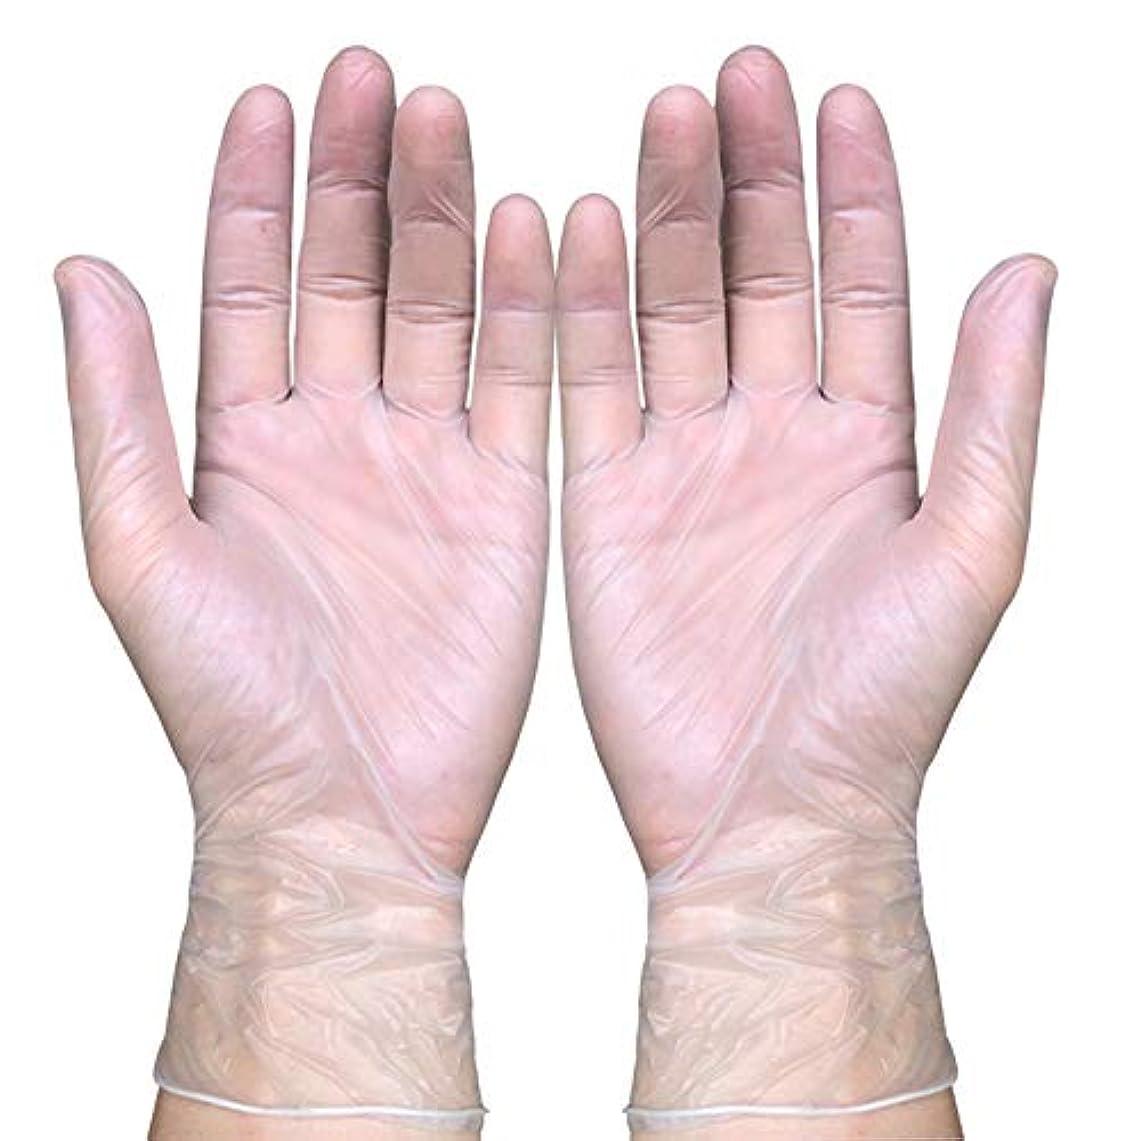 実現可能性減衰できれば使い捨て医療ビニール検査用手袋、液体、血液、検査、ヘルスケア、食品の取り扱い粉なし、100カウント,S